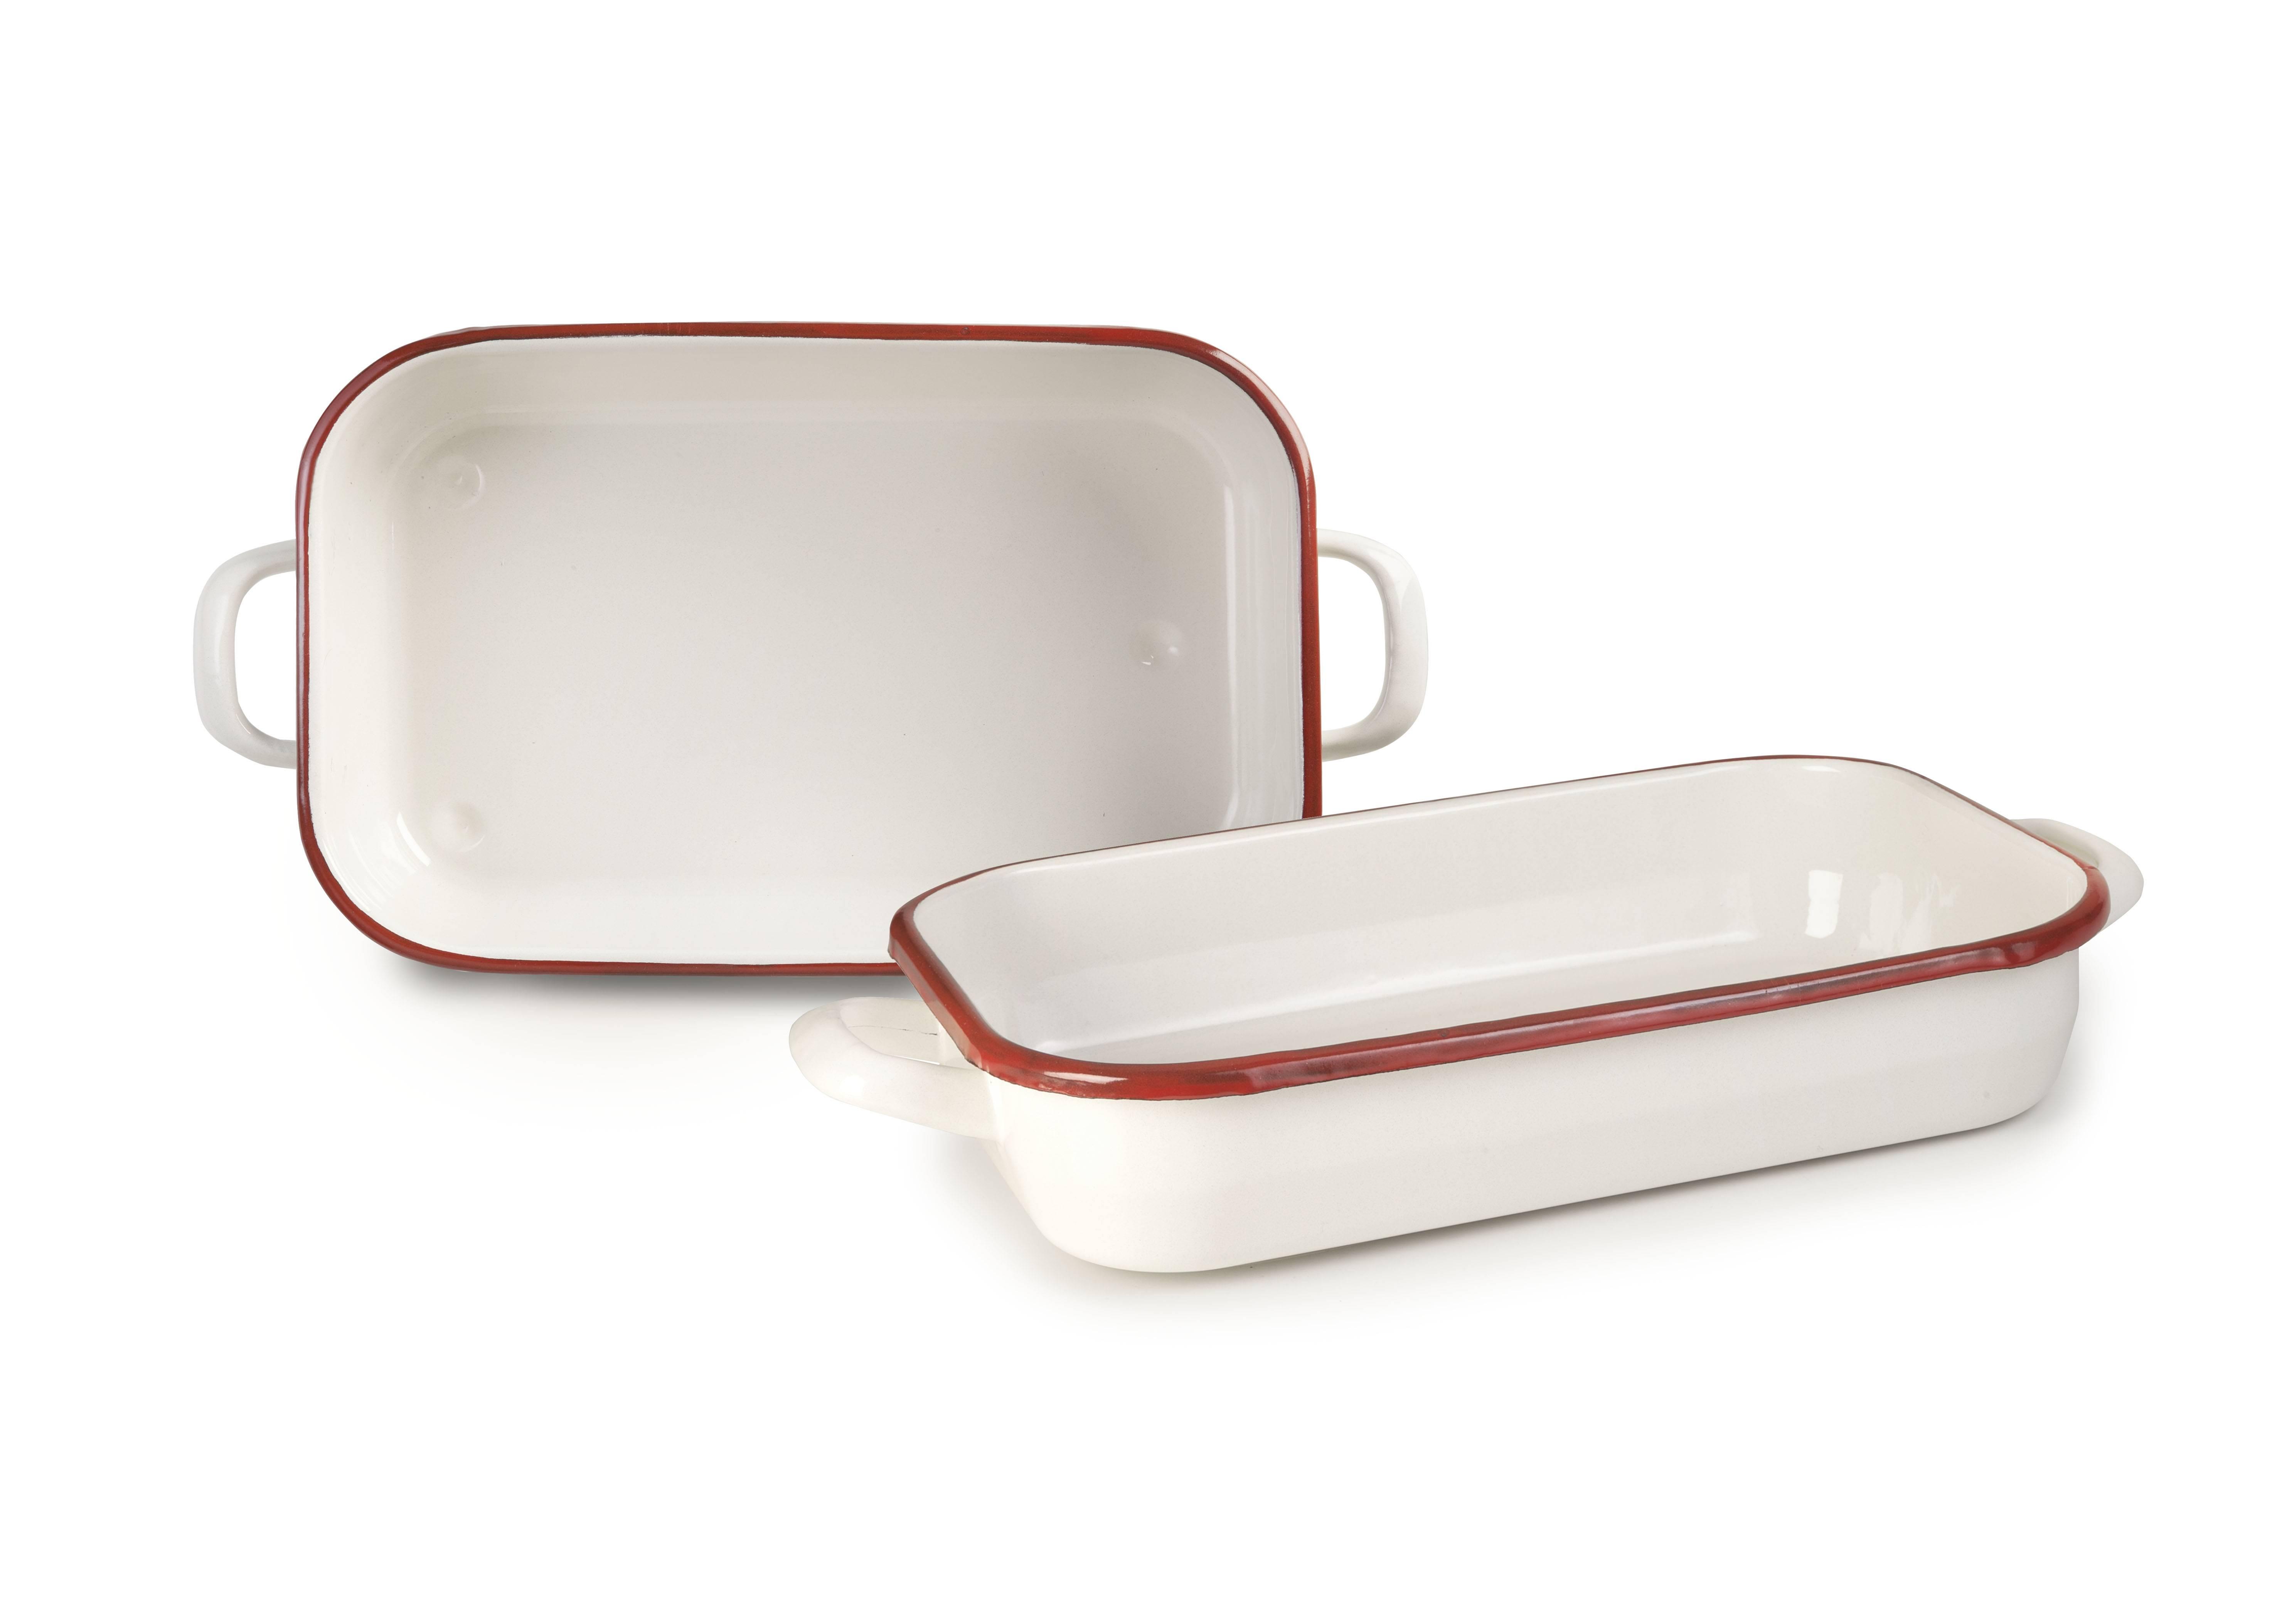 Smaltovaný pekáč červeno bílý 32cm - Ibili